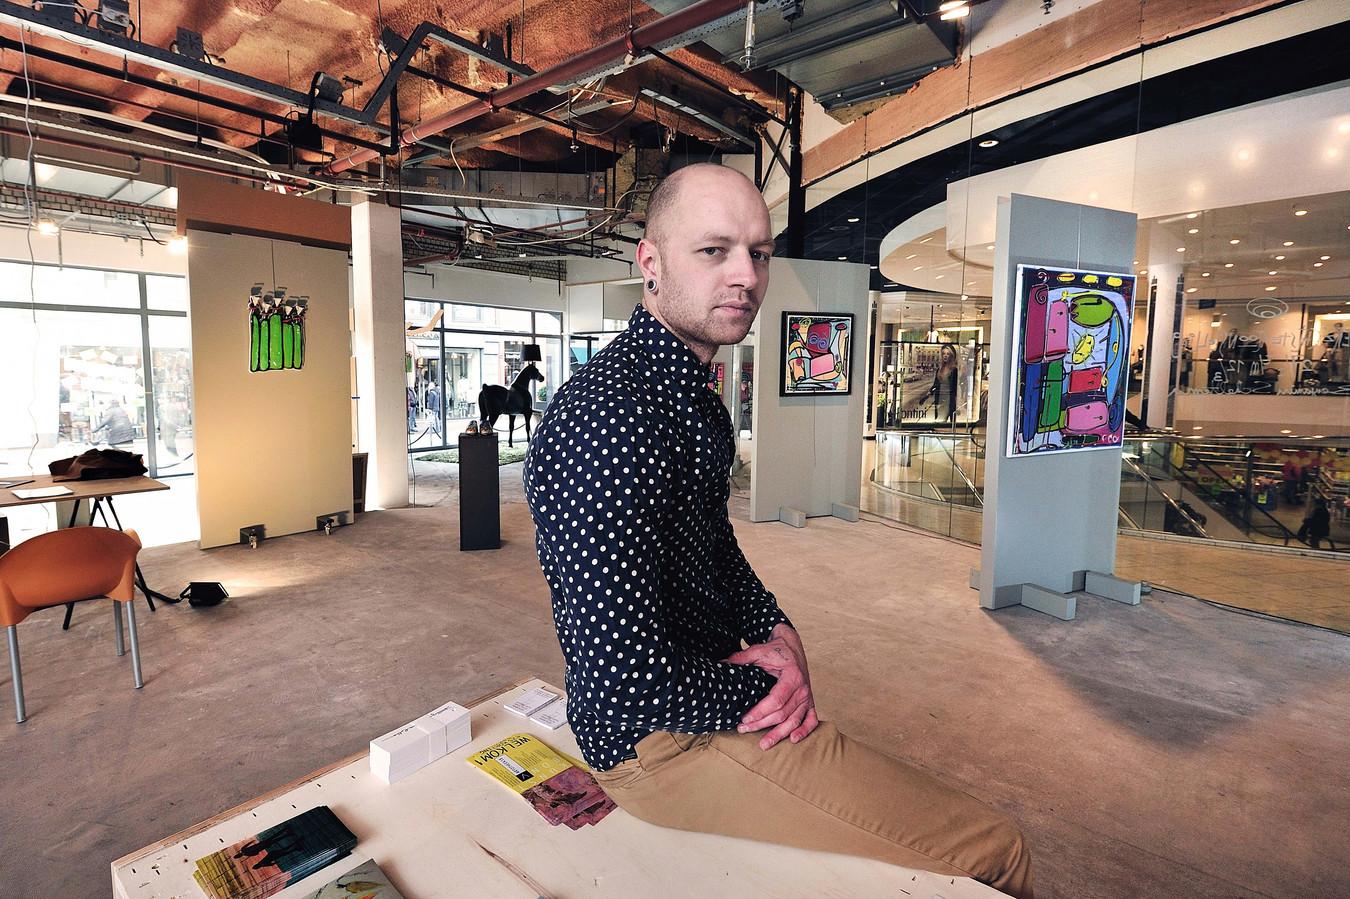 Kunstenaar Benjamin Scheltema is een van de genomineerden voor de cultuurprijs in Roosendaal.